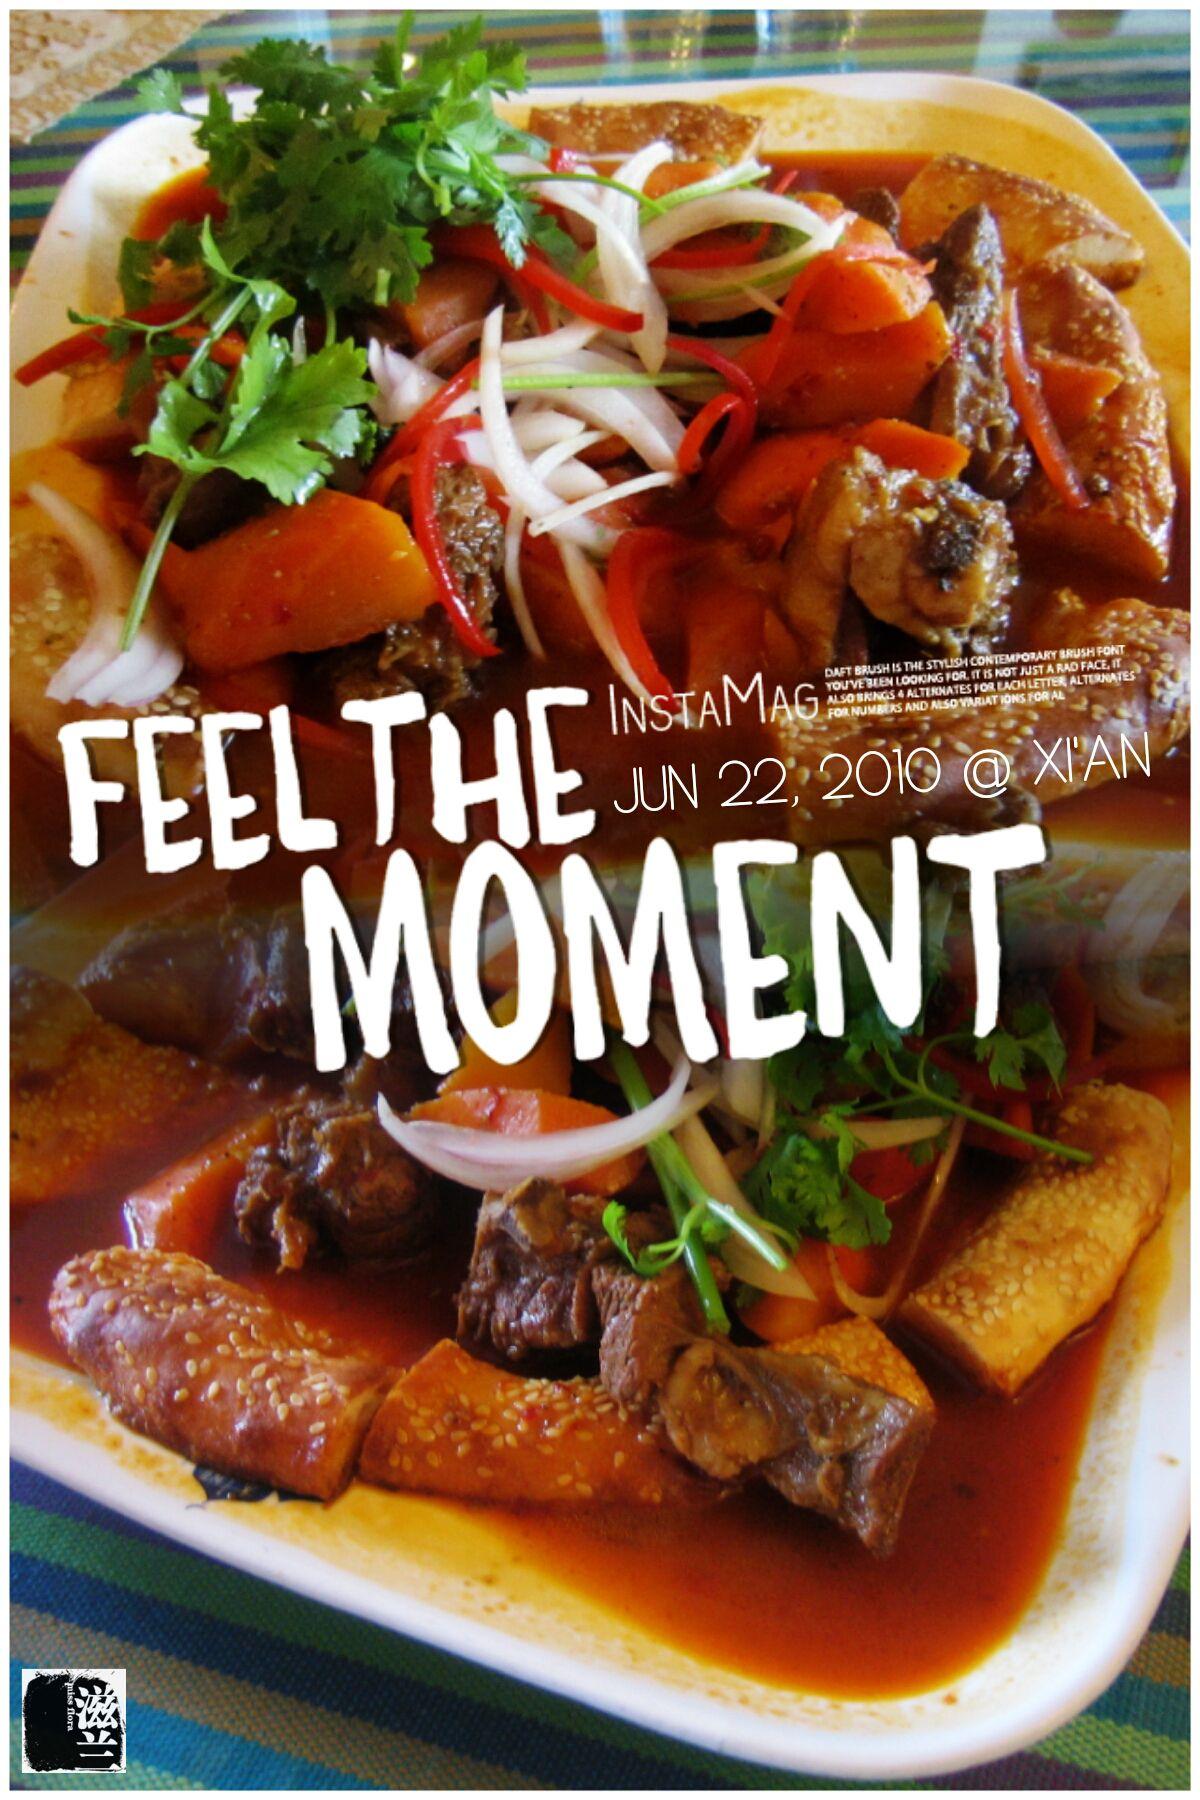 #FD1006 #ChineseFood  馕和羊肉,还有大块的胡萝卜,洋葱红椒芫荽点缀,气氛热烈,胃口大开,颇有大碗喝酒大块吃肉的豪气。